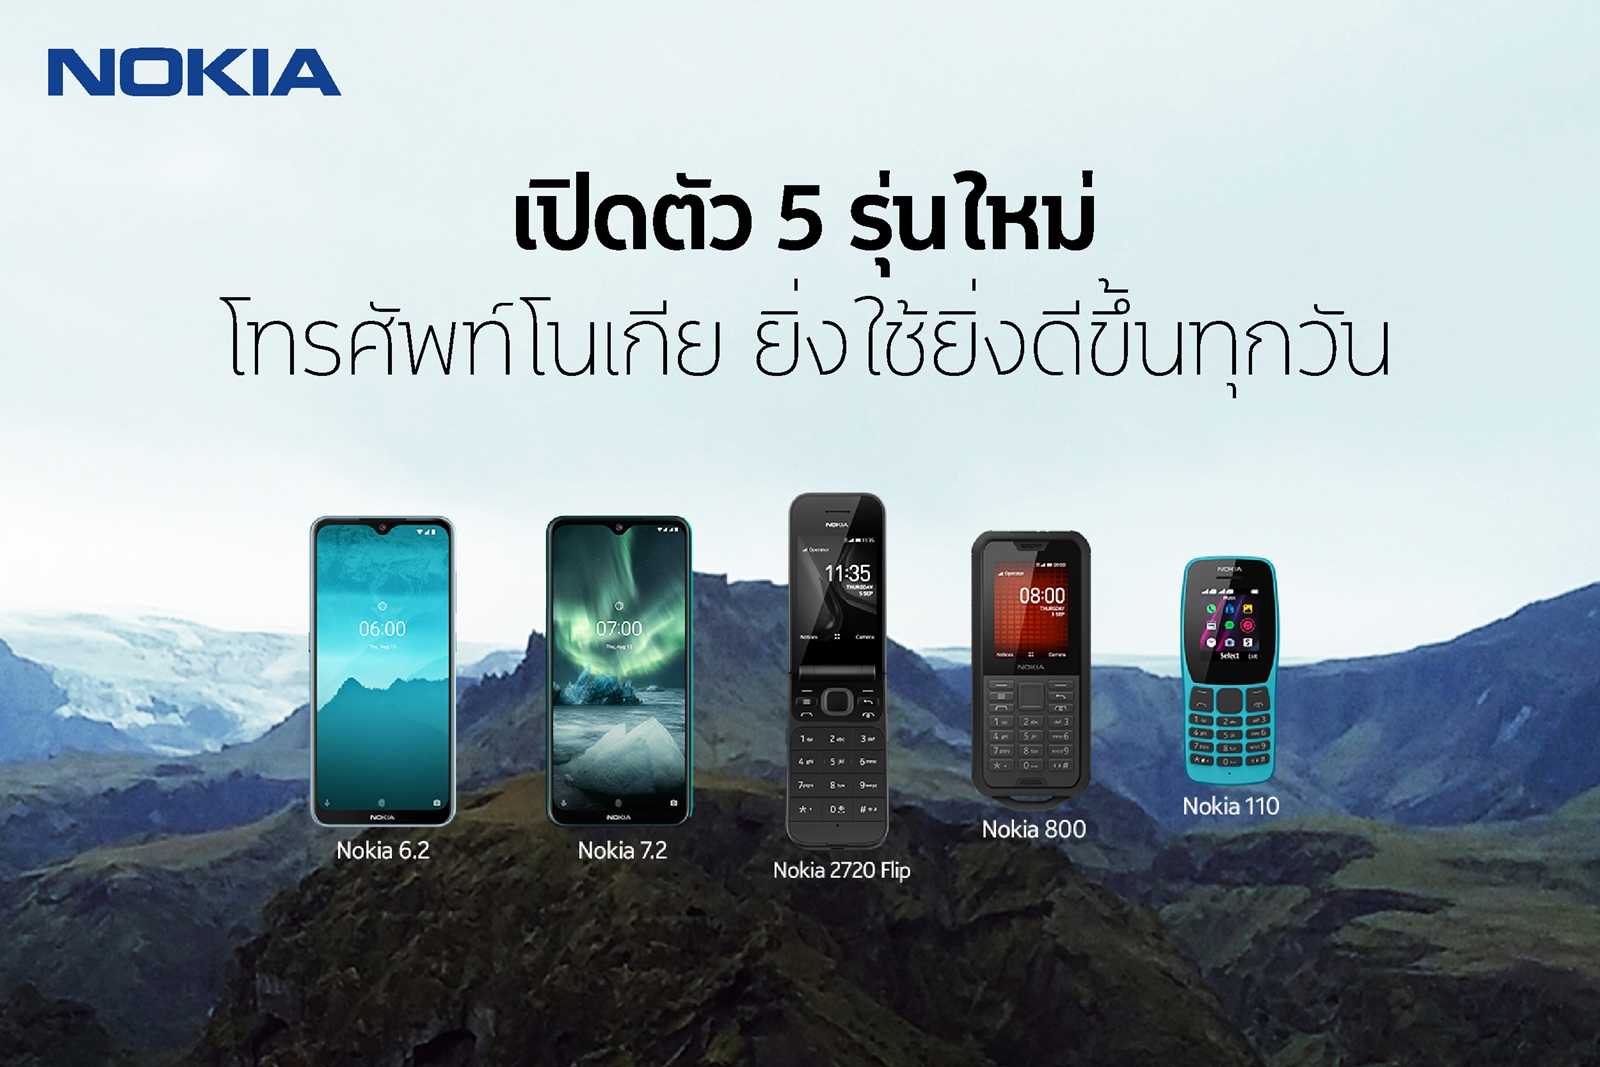 ยลโฉมมือถือรุ่นใหม่จาก Nokia 5 รุ่นใหม่ ที่ตอบสนองความต้องการทุกไลฟ์สไตล์